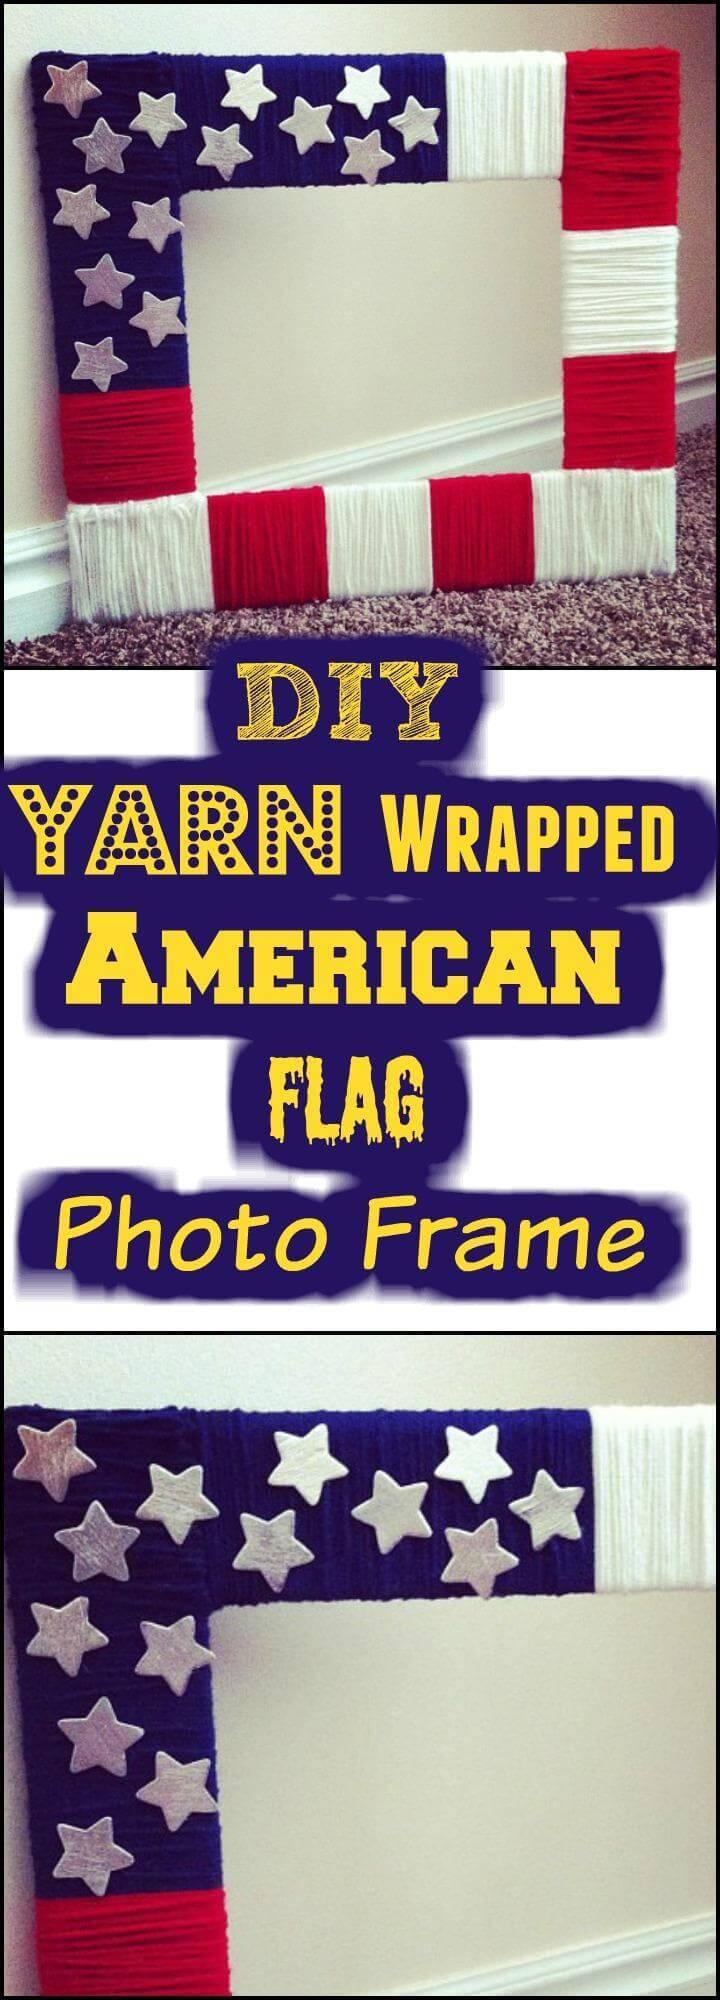 DIY yarn wrapped American flag photo frame